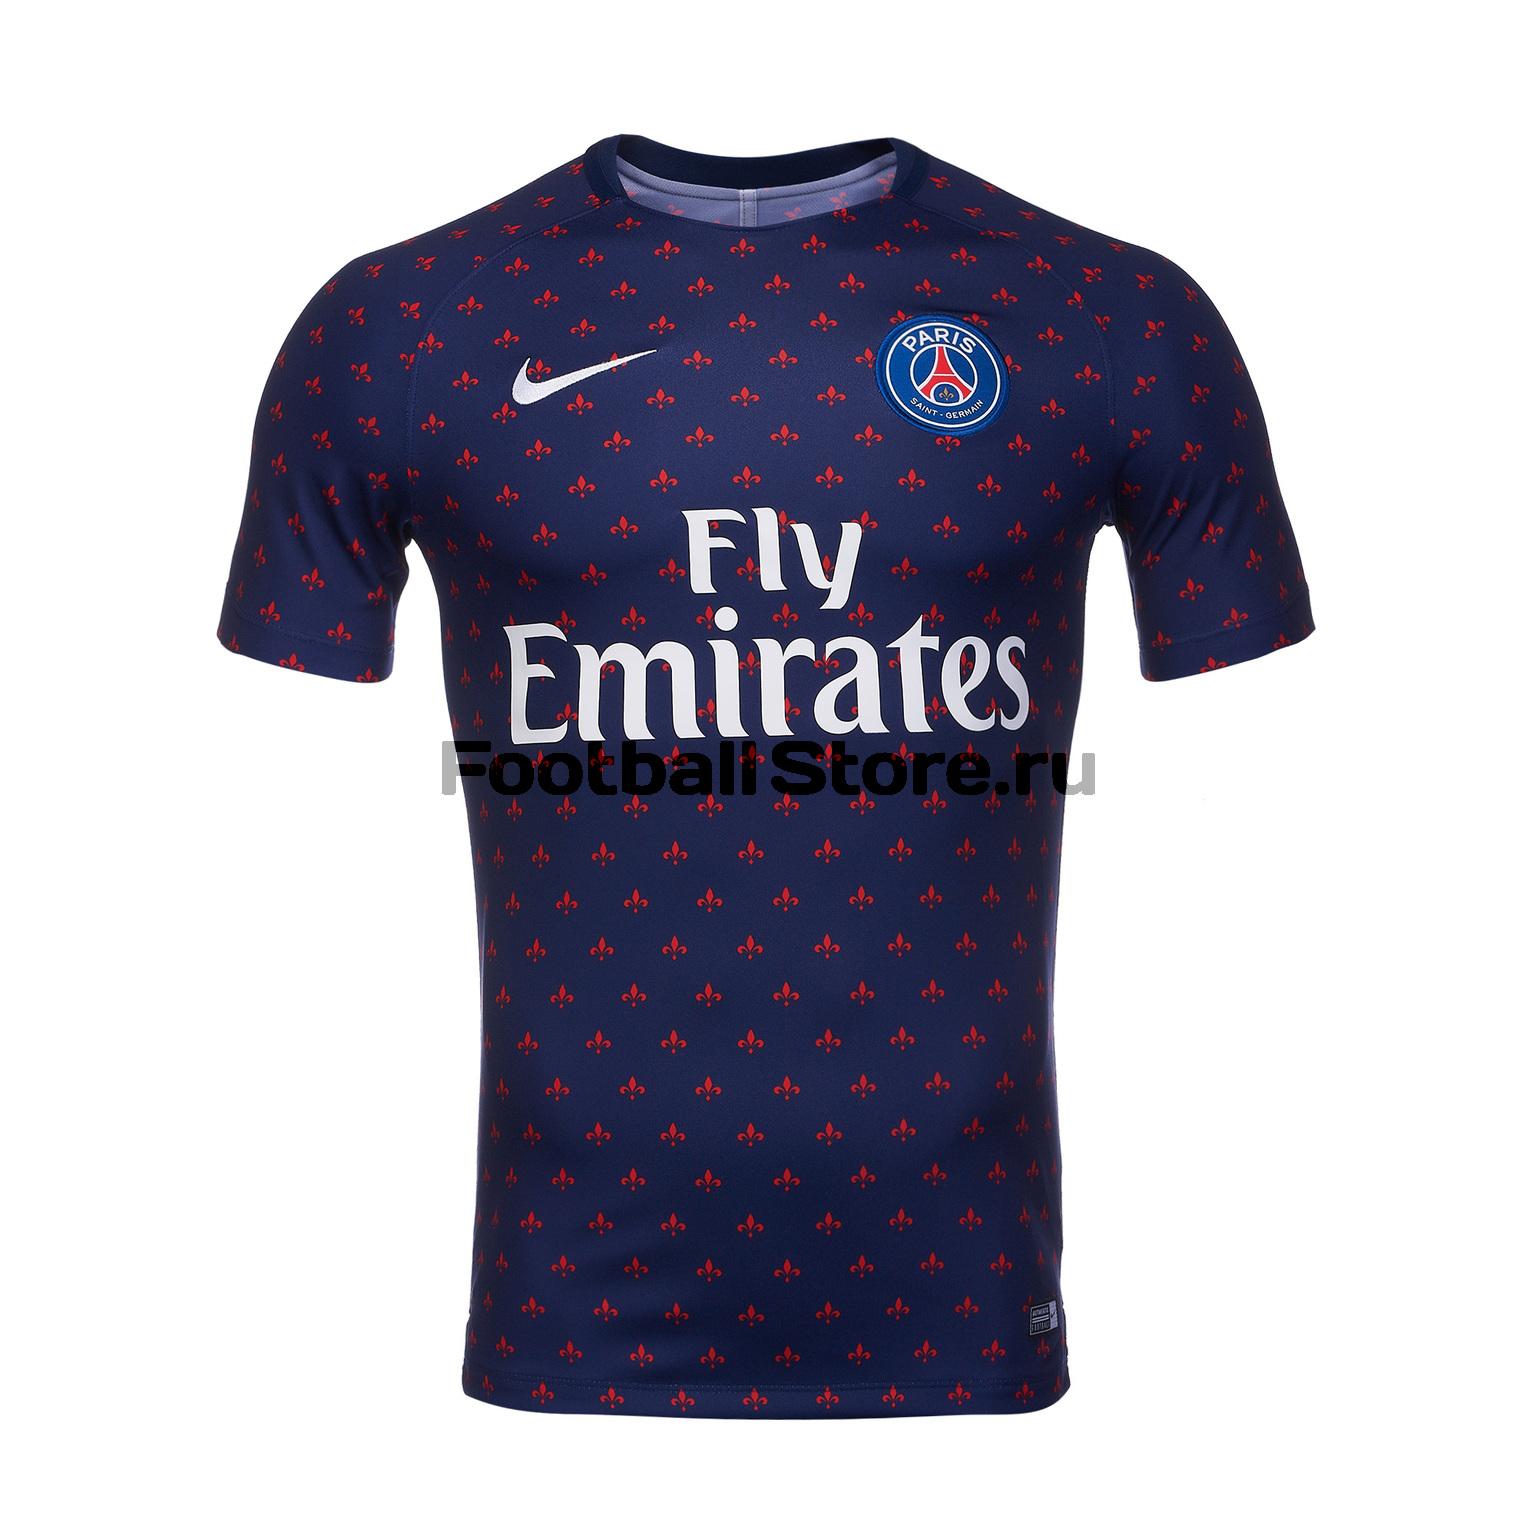 Футболка тренировочная Nike PSG Dry Sqd Top SS GX2 894327-411 футболки nike футболка тренировочная nike cr7 dry sqd top 845557 457